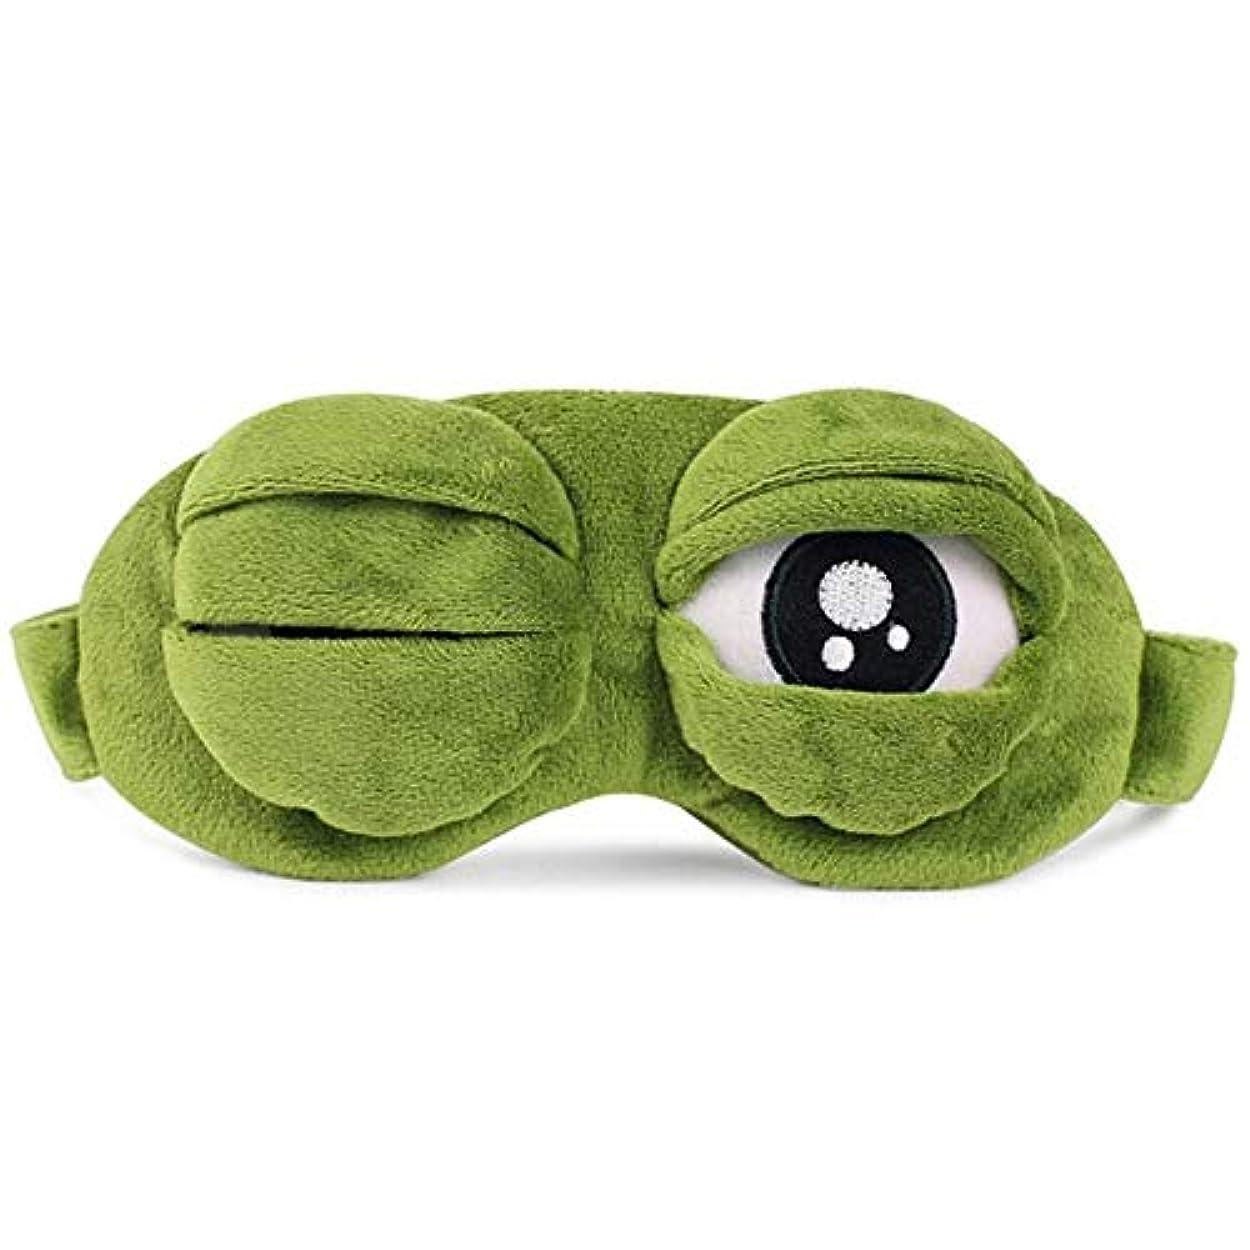 後方に吸収する離れたNOTE 新しいグリーンカエル漫画かわいい目のカバー悲しい3Dアイマスクカバー眠っている残りの睡眠アニメ面白いギフト眠っているアイマスク